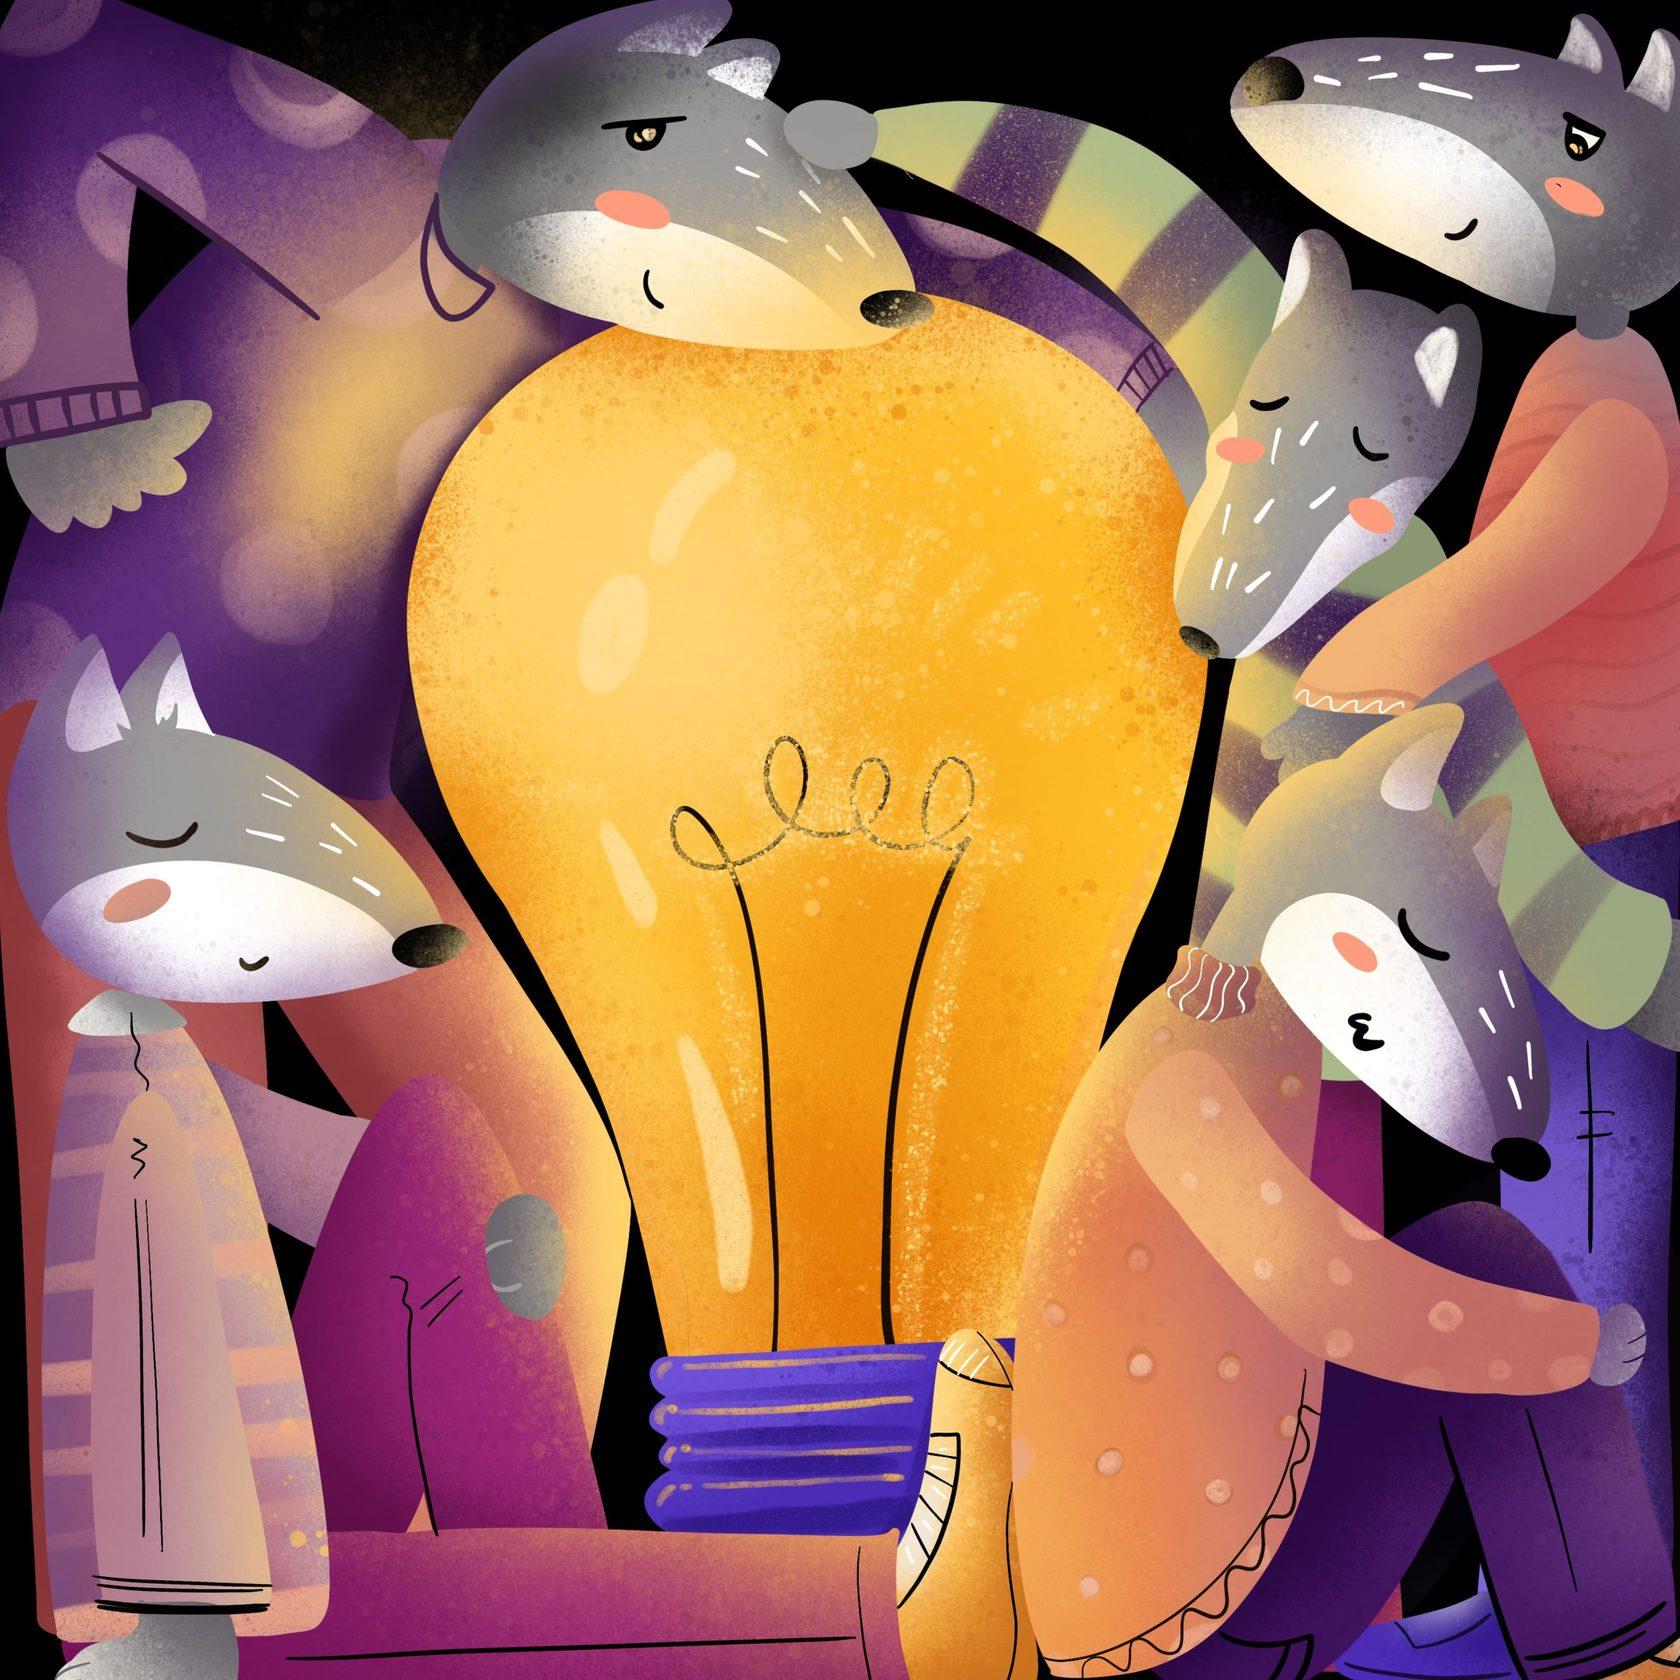 Staya Production иллюстрация волки вокруг идеи